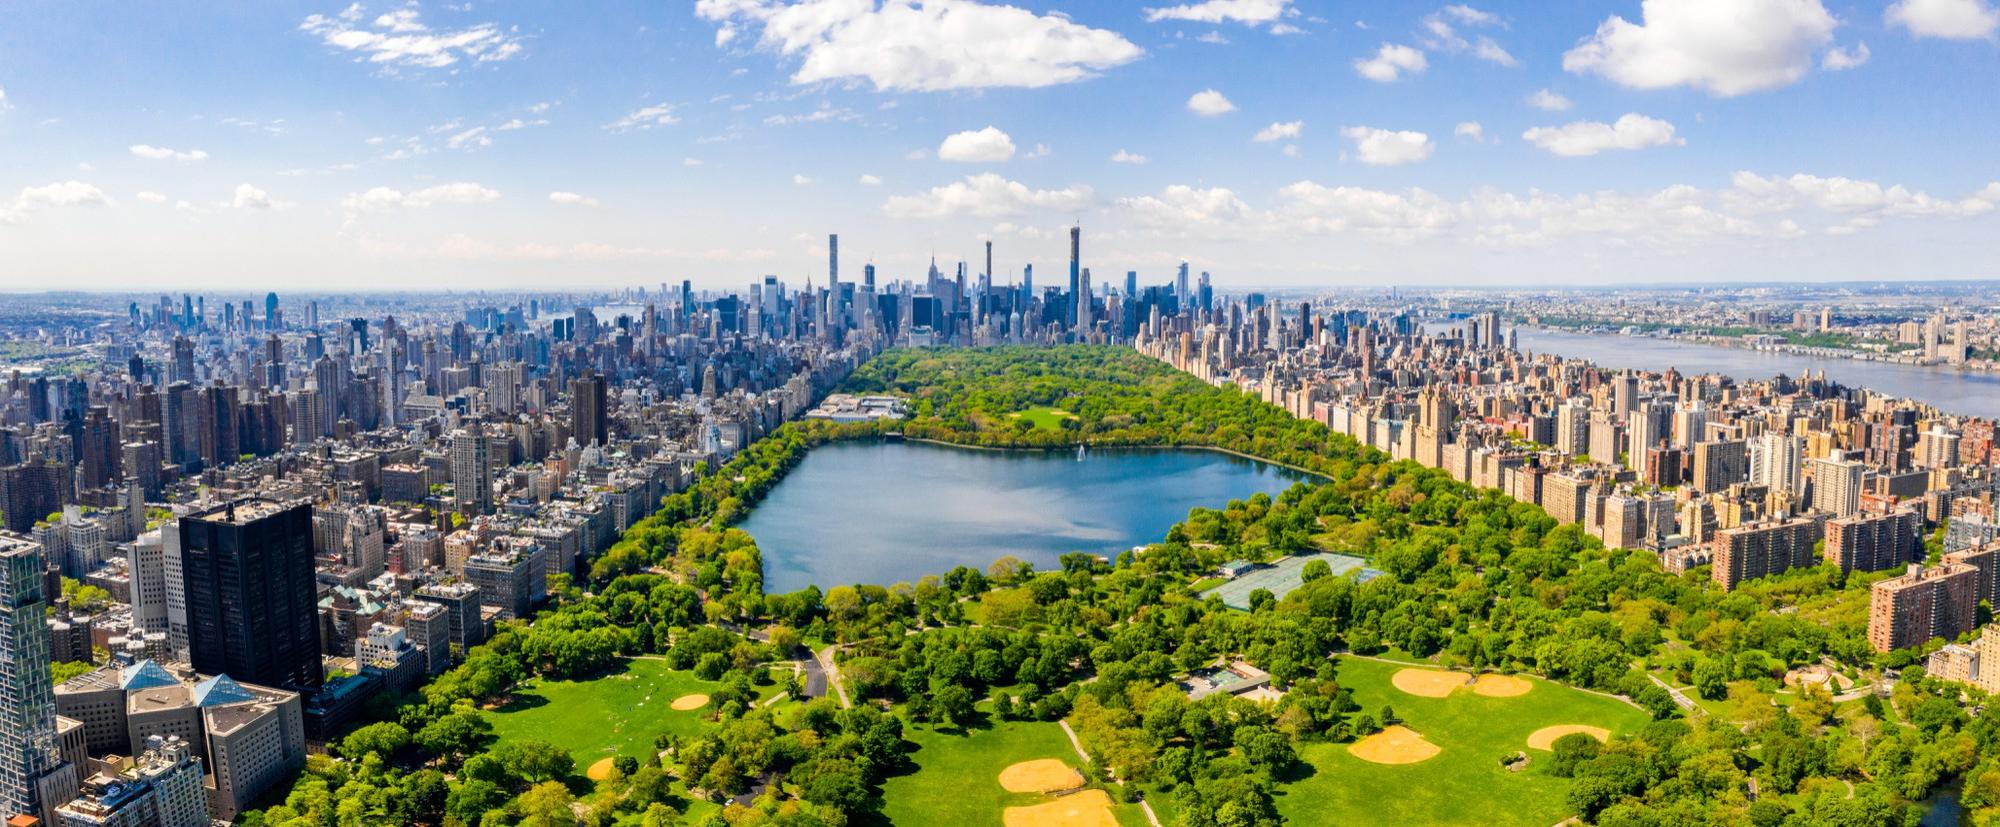 aerial-shot-central-park-manhattan-new-york-city-usa